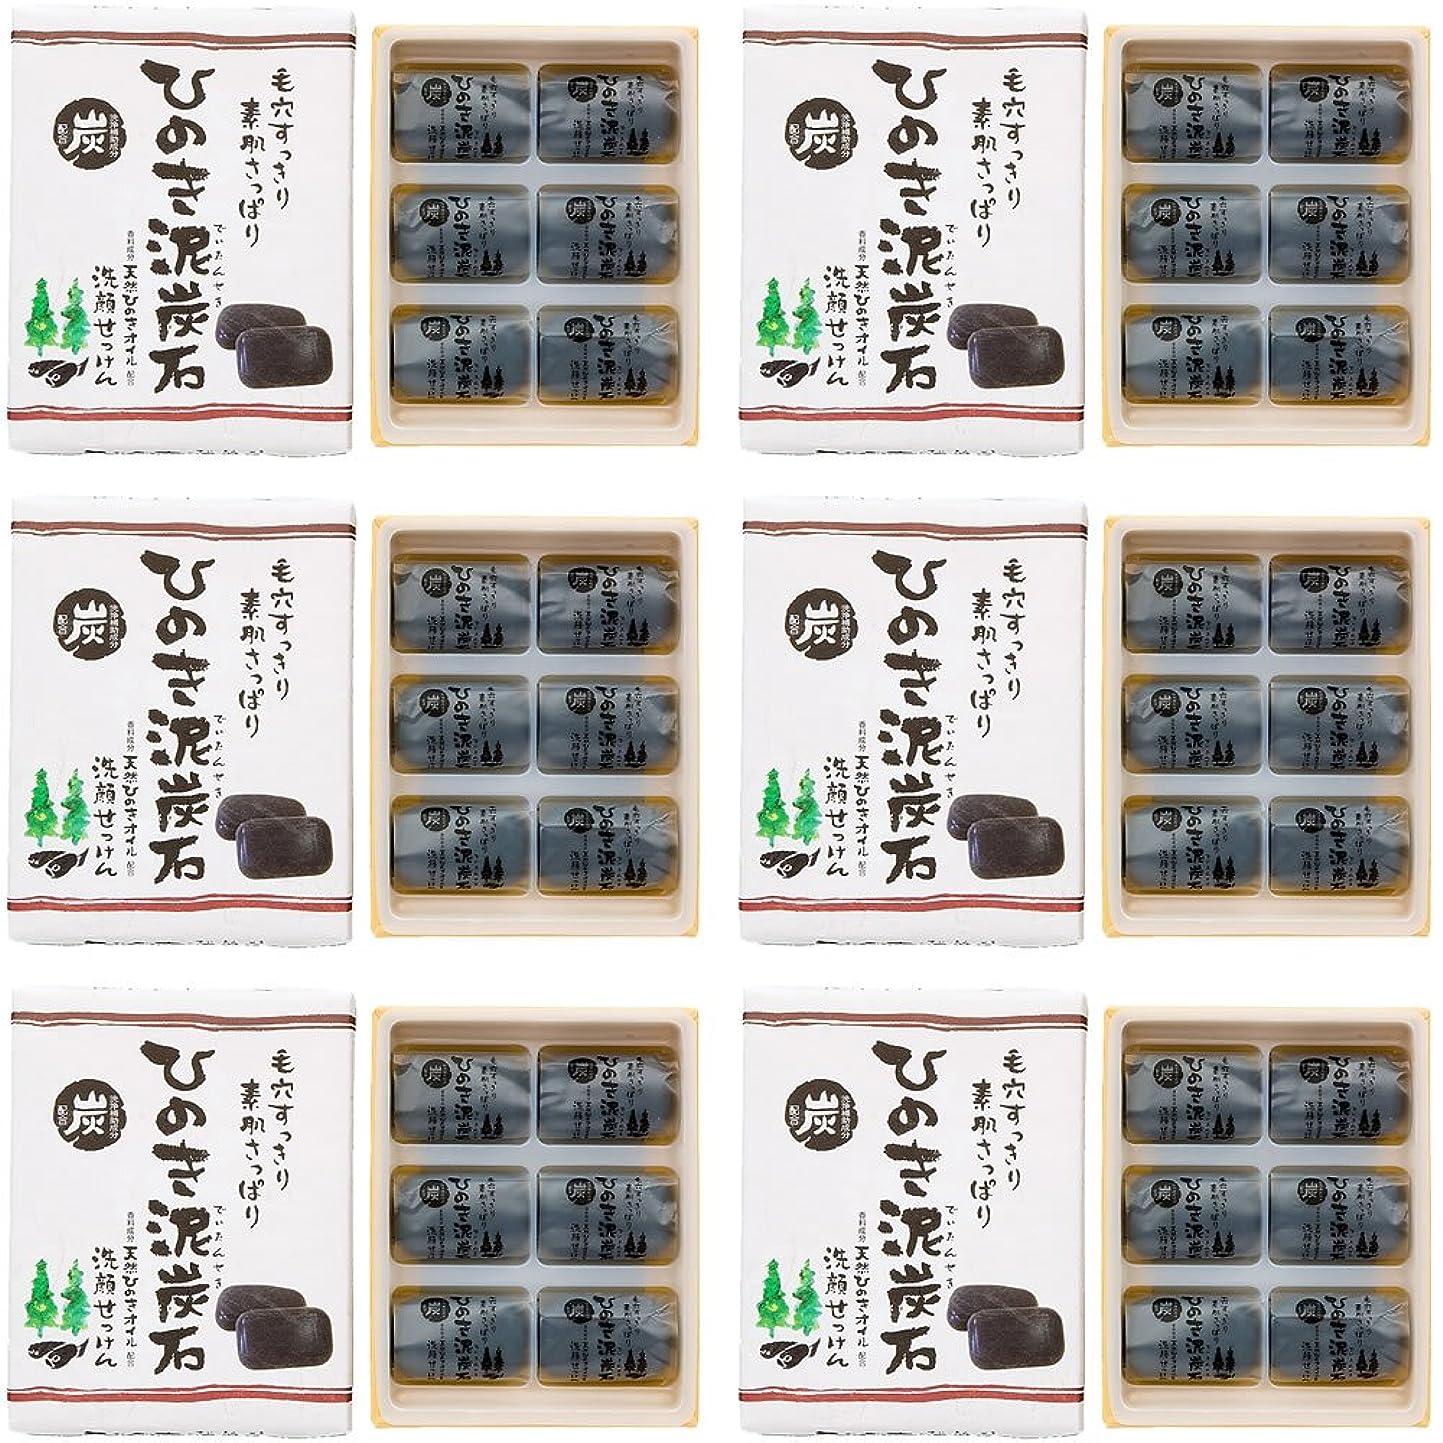 リベラル奨学金死んでいるひのき泥炭石 洗顔せっけん すっきりタイプ (30g×6個×6セット) 石けん [天然ひのきオイル配合]